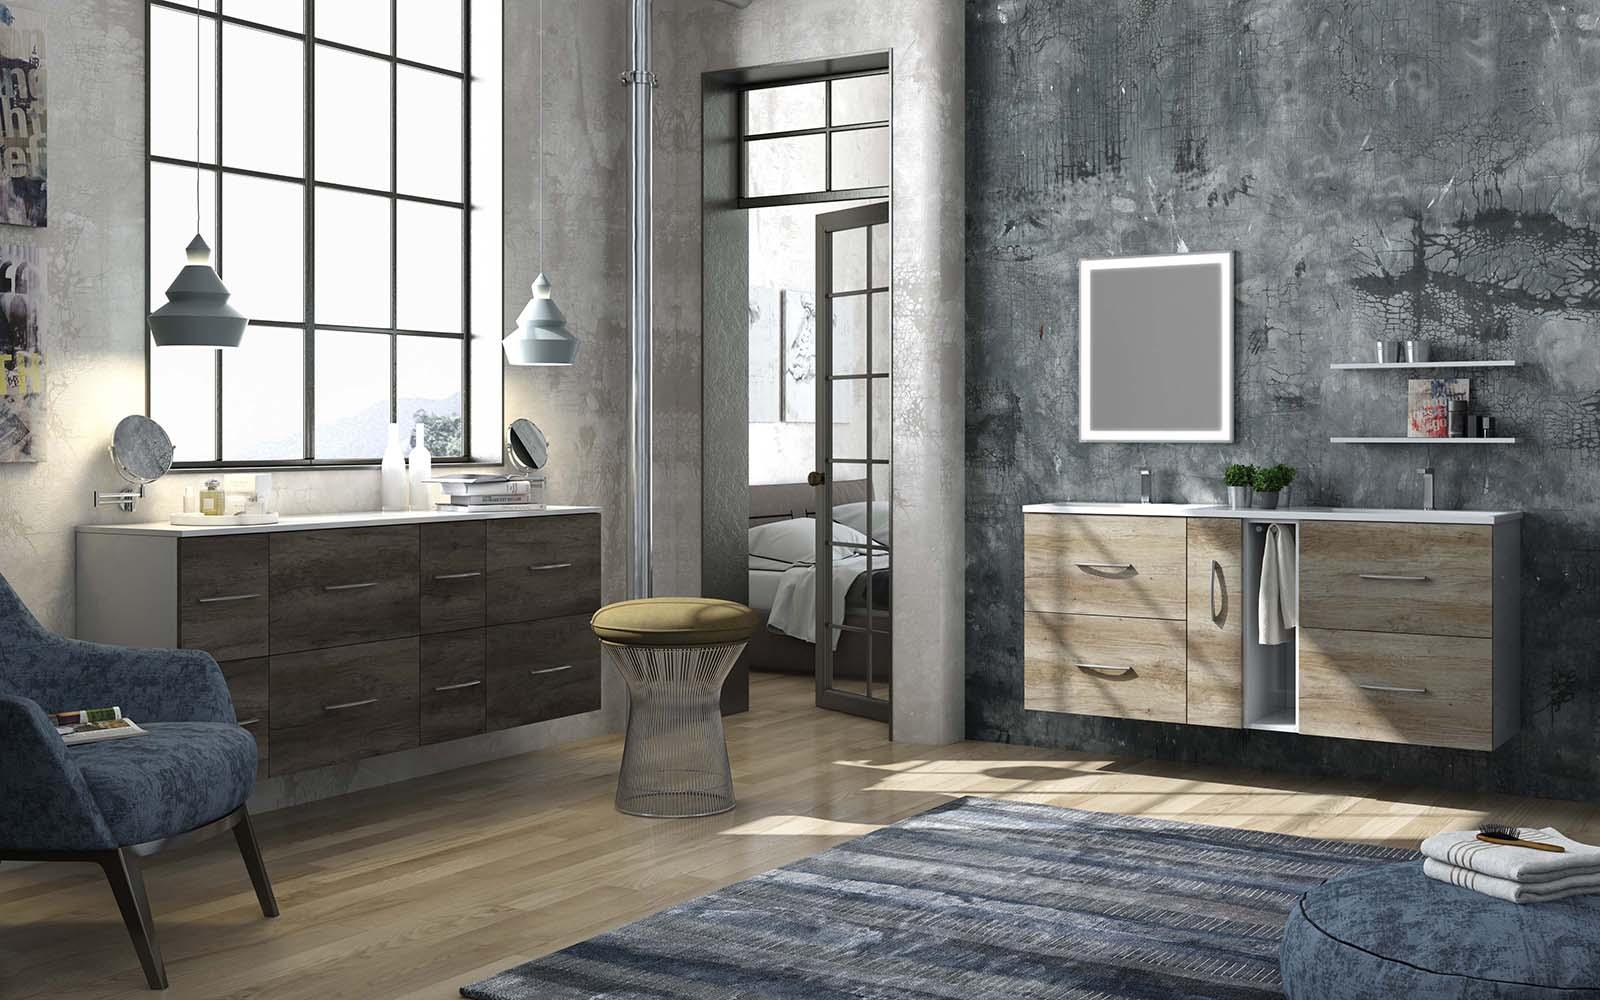 Muebles de bao en jaen latest cocinas empotradas muebles bao closets dormitorios caracas - Muebles baratos jaen ...